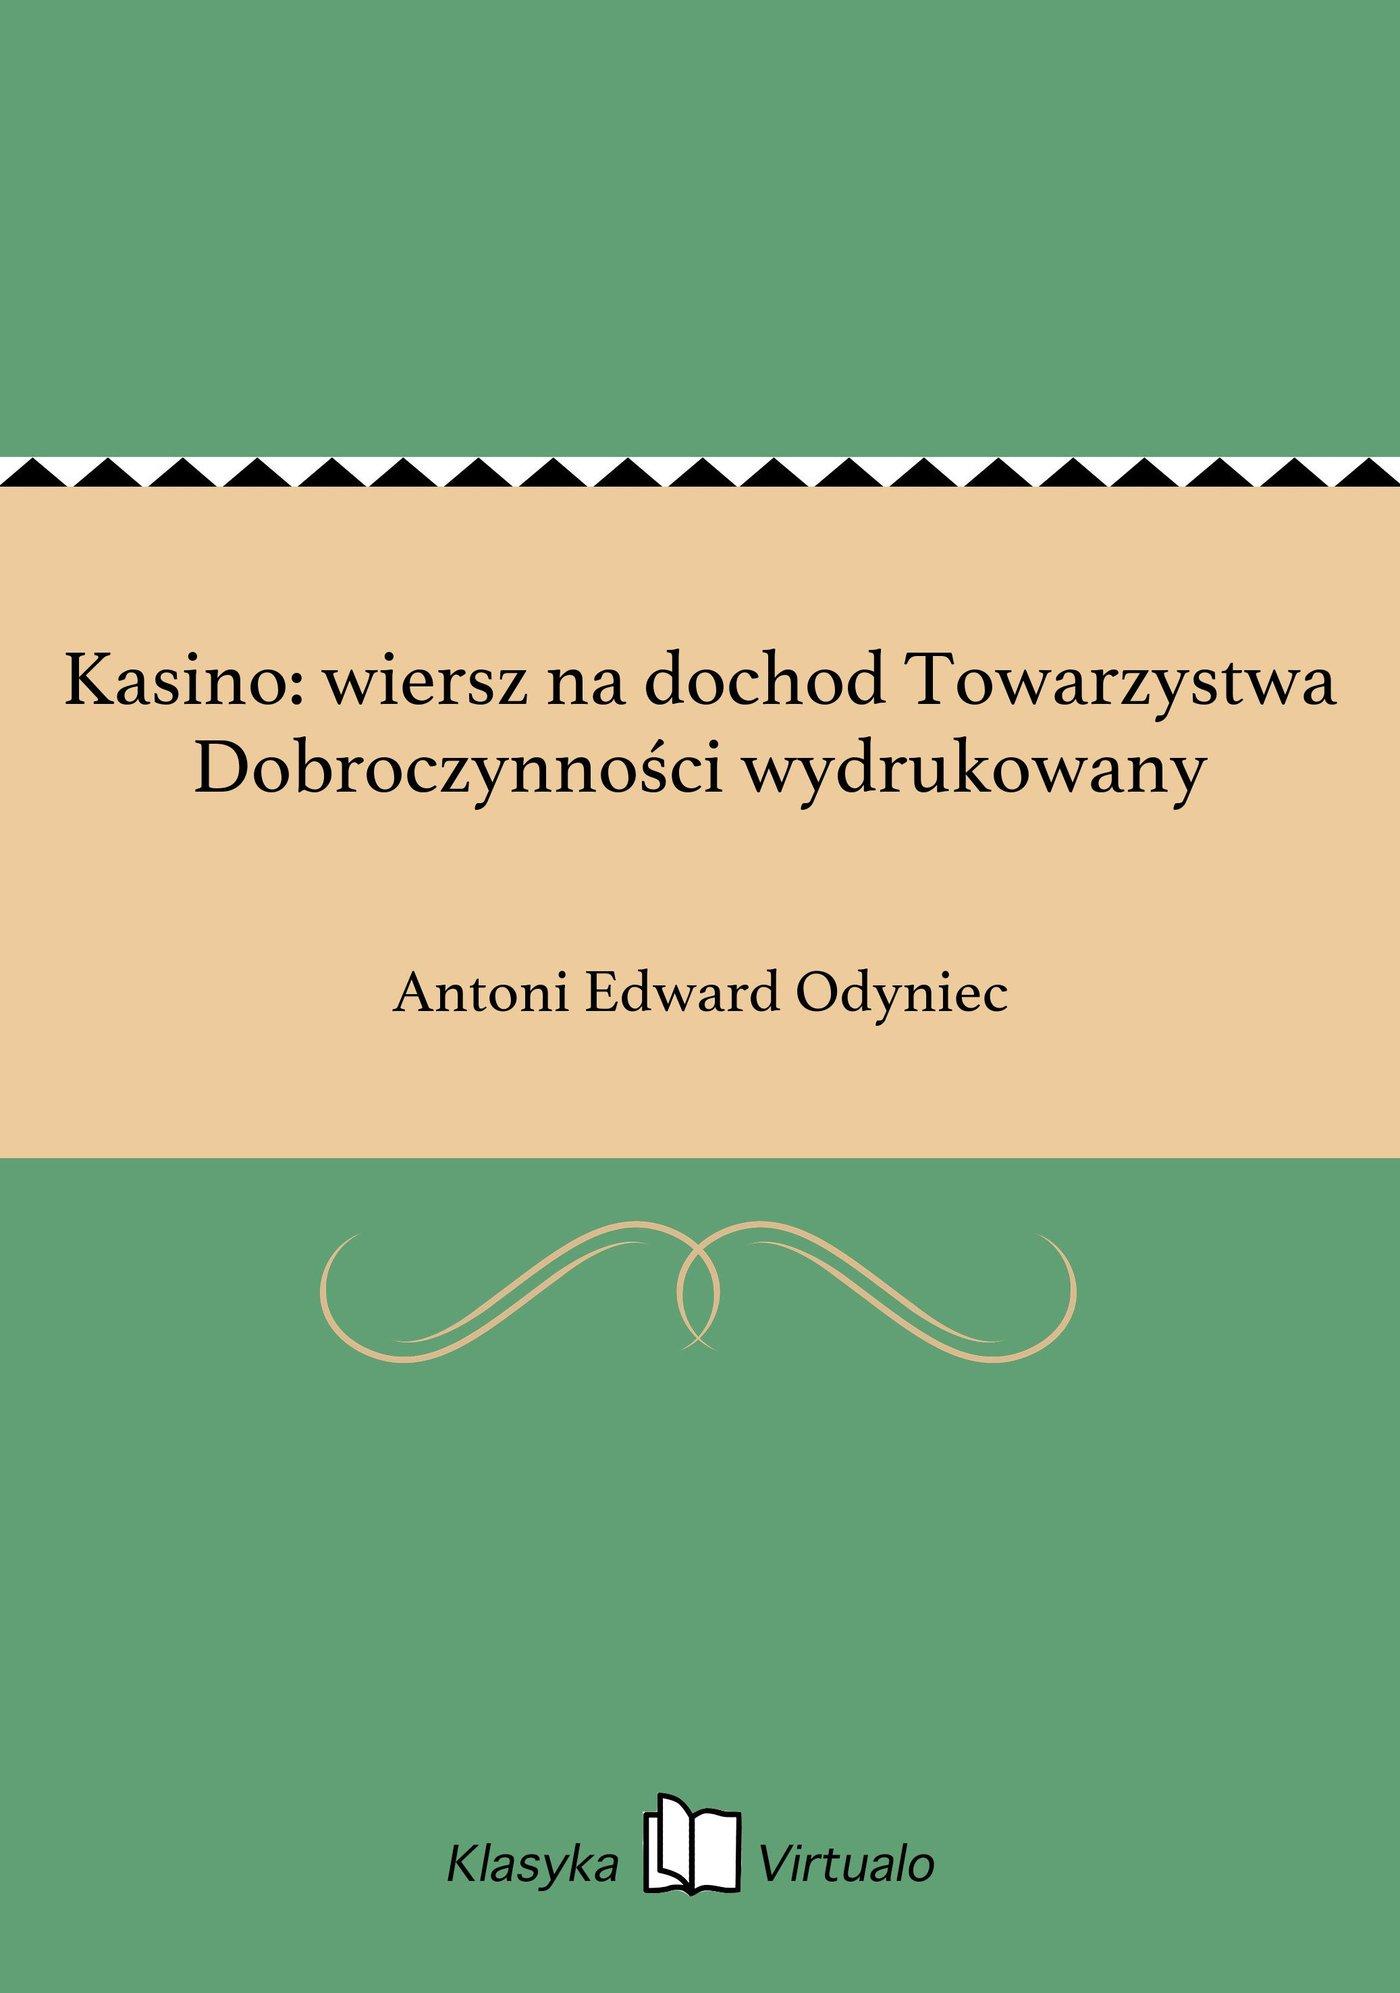 Kasino: wiersz na dochod Towarzystwa Dobroczynności wydrukowany - Ebook (Książka EPUB) do pobrania w formacie EPUB